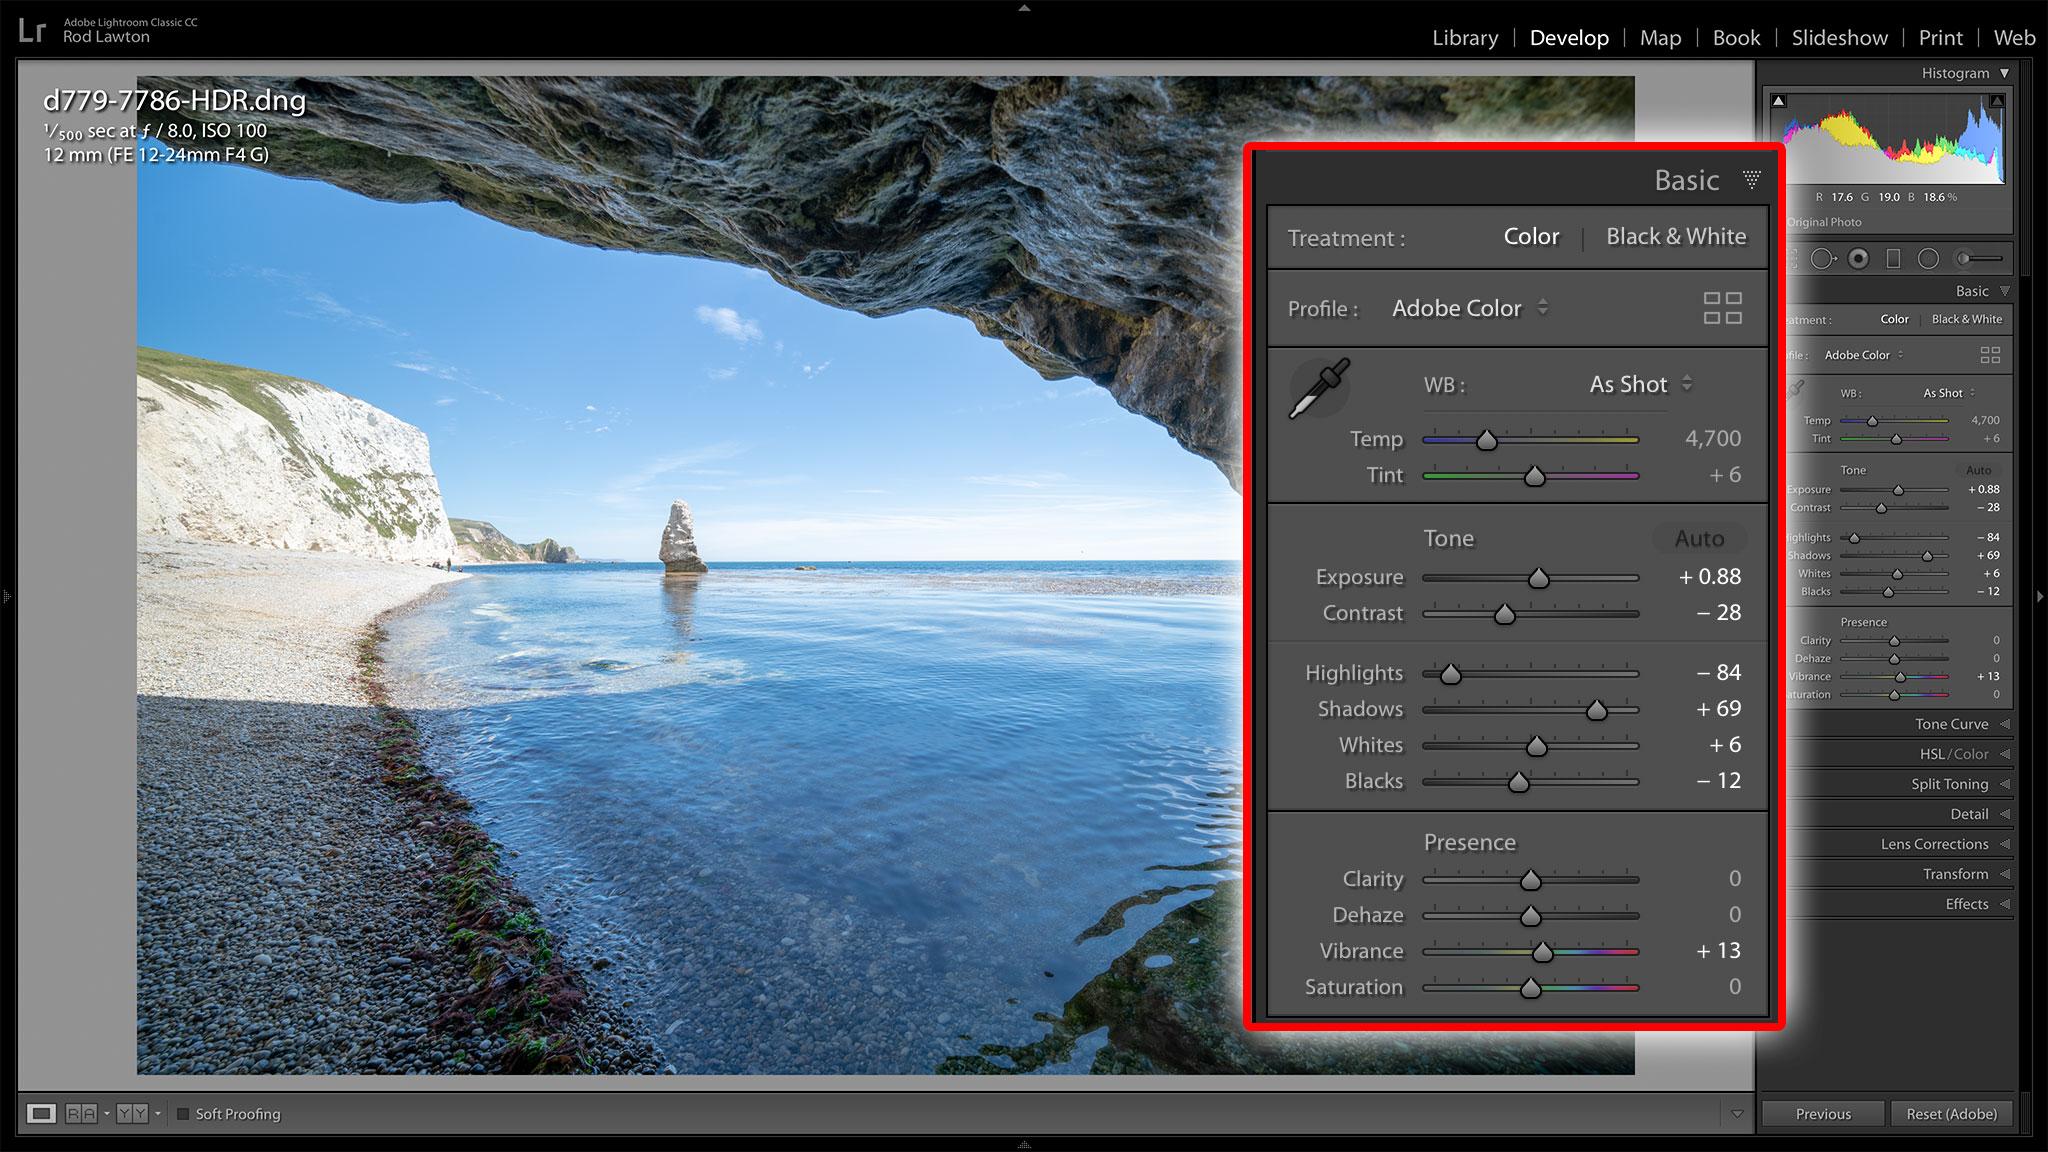 Lightroom HDR merge